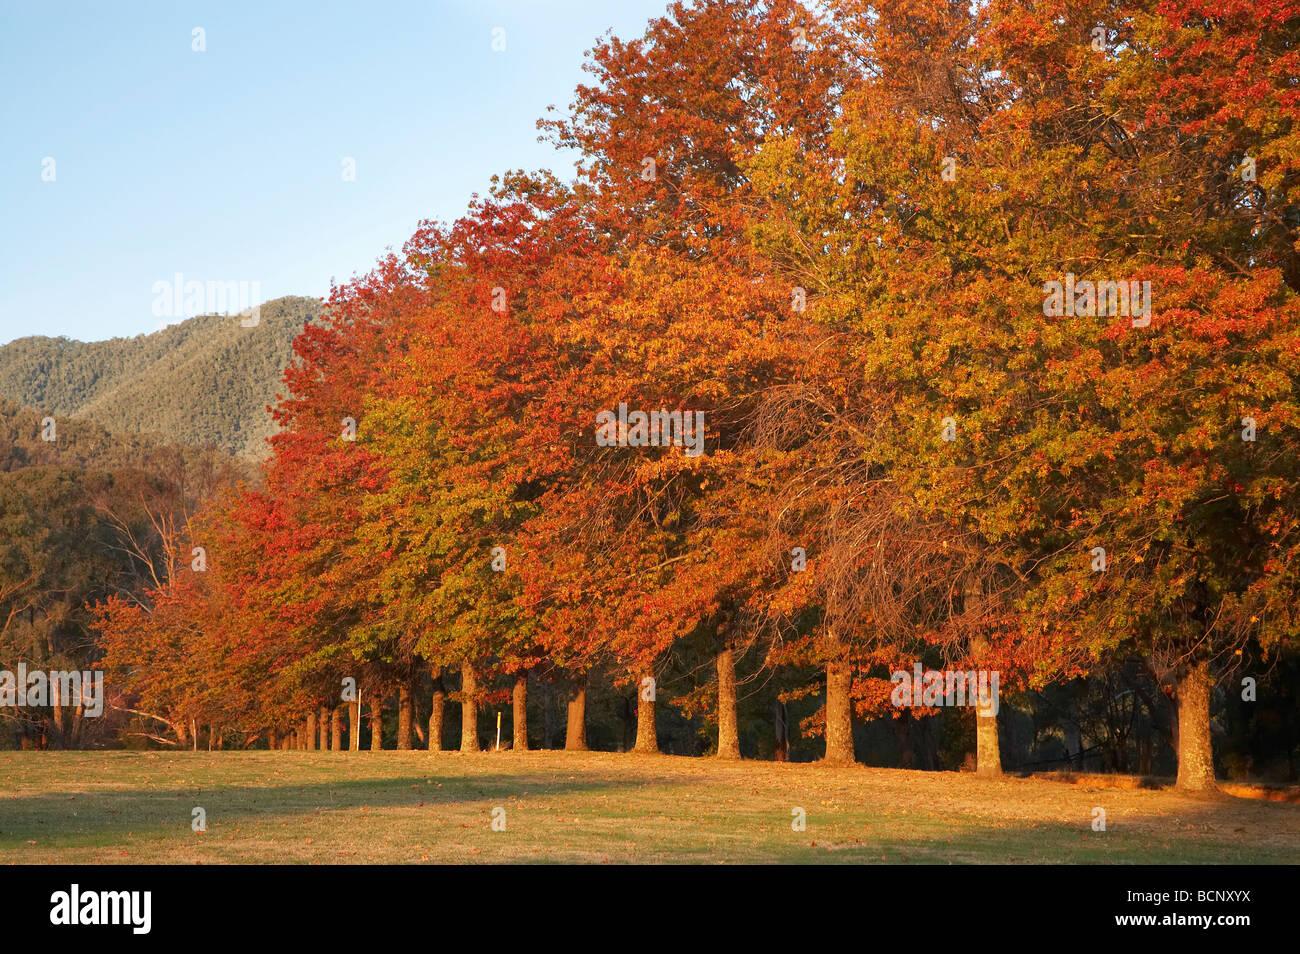 Les arbres d'automne Khancoban montagnes enneigées du sud de la Nouvelle-Galles du Sud Australie Banque D'Images